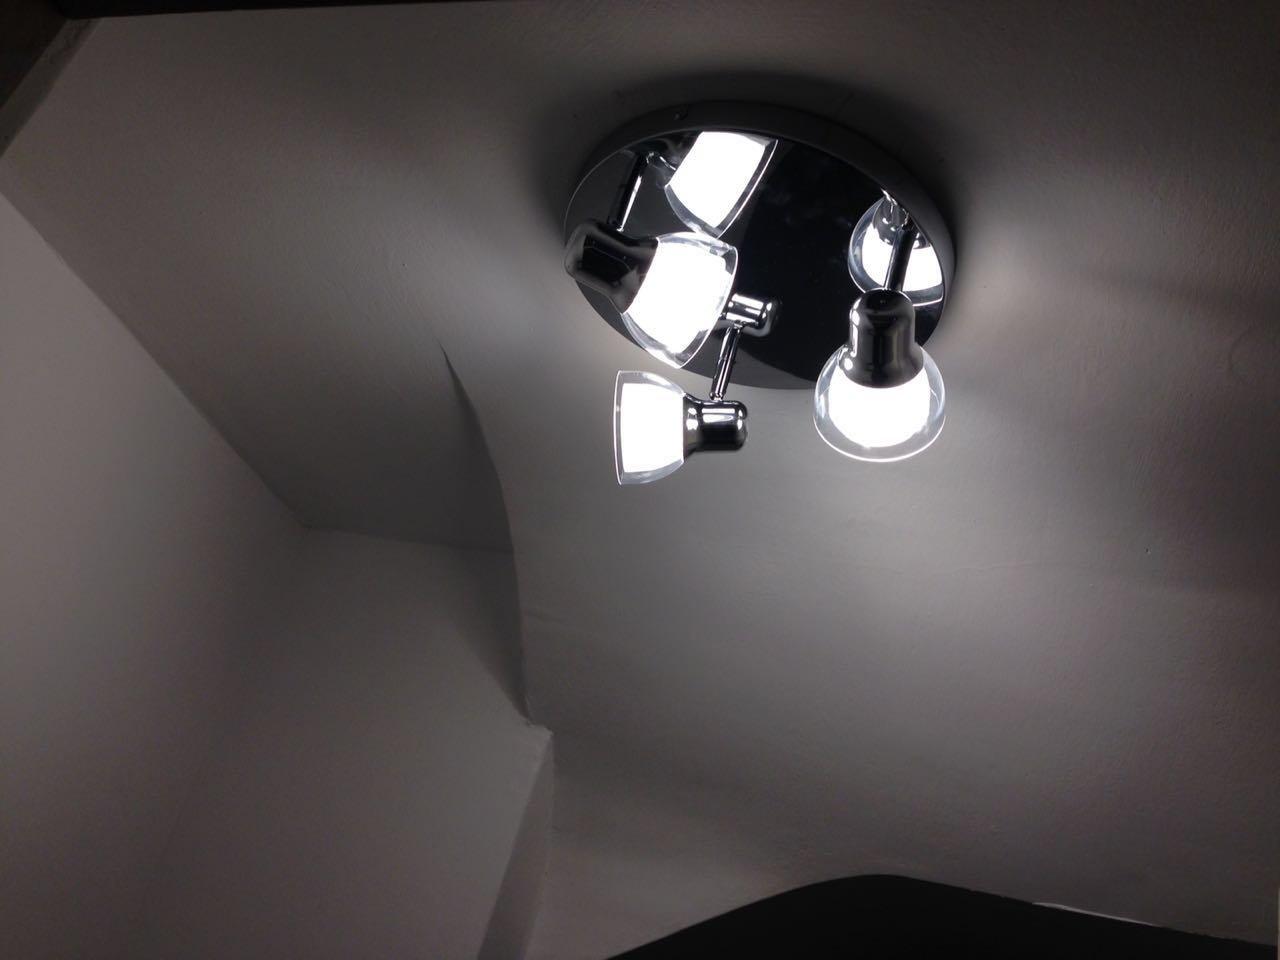 Remoción de pared salitrosa, Tarrajeo, enchapado de pisos y pared